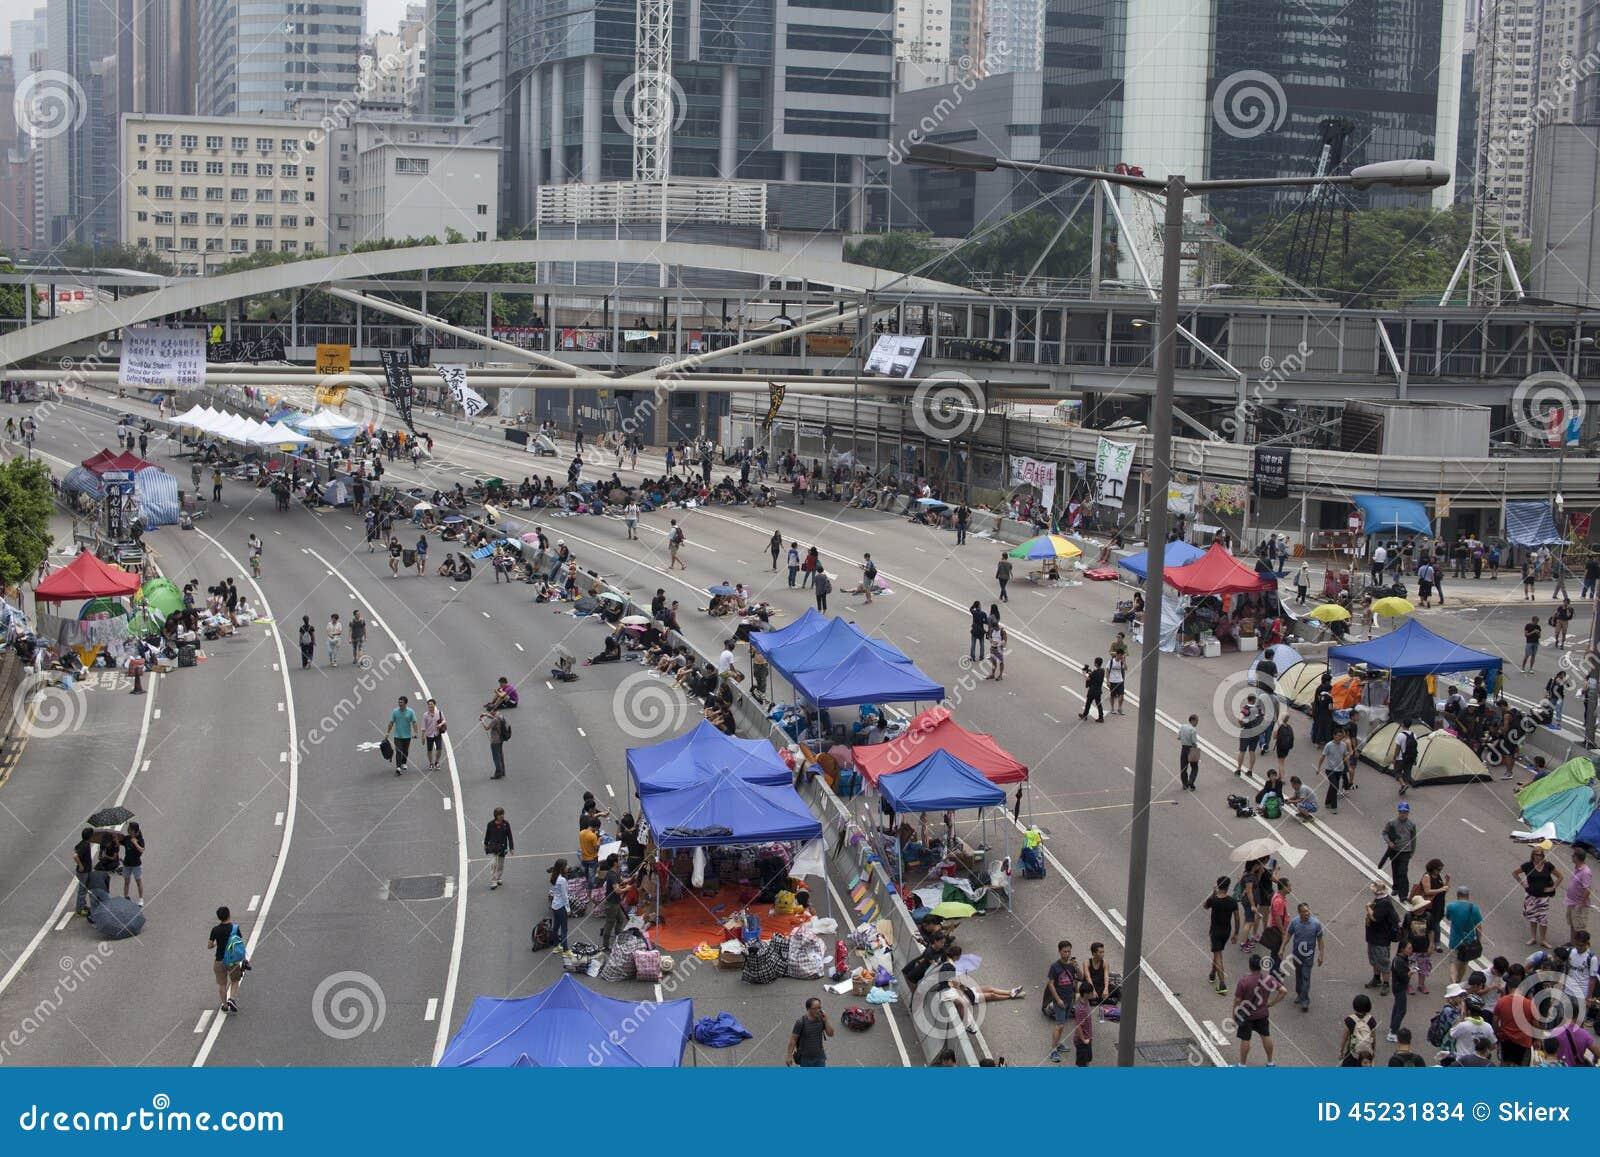 Hong Kong, China Oct. 4, 2014, Occupy Central, Protestors ...